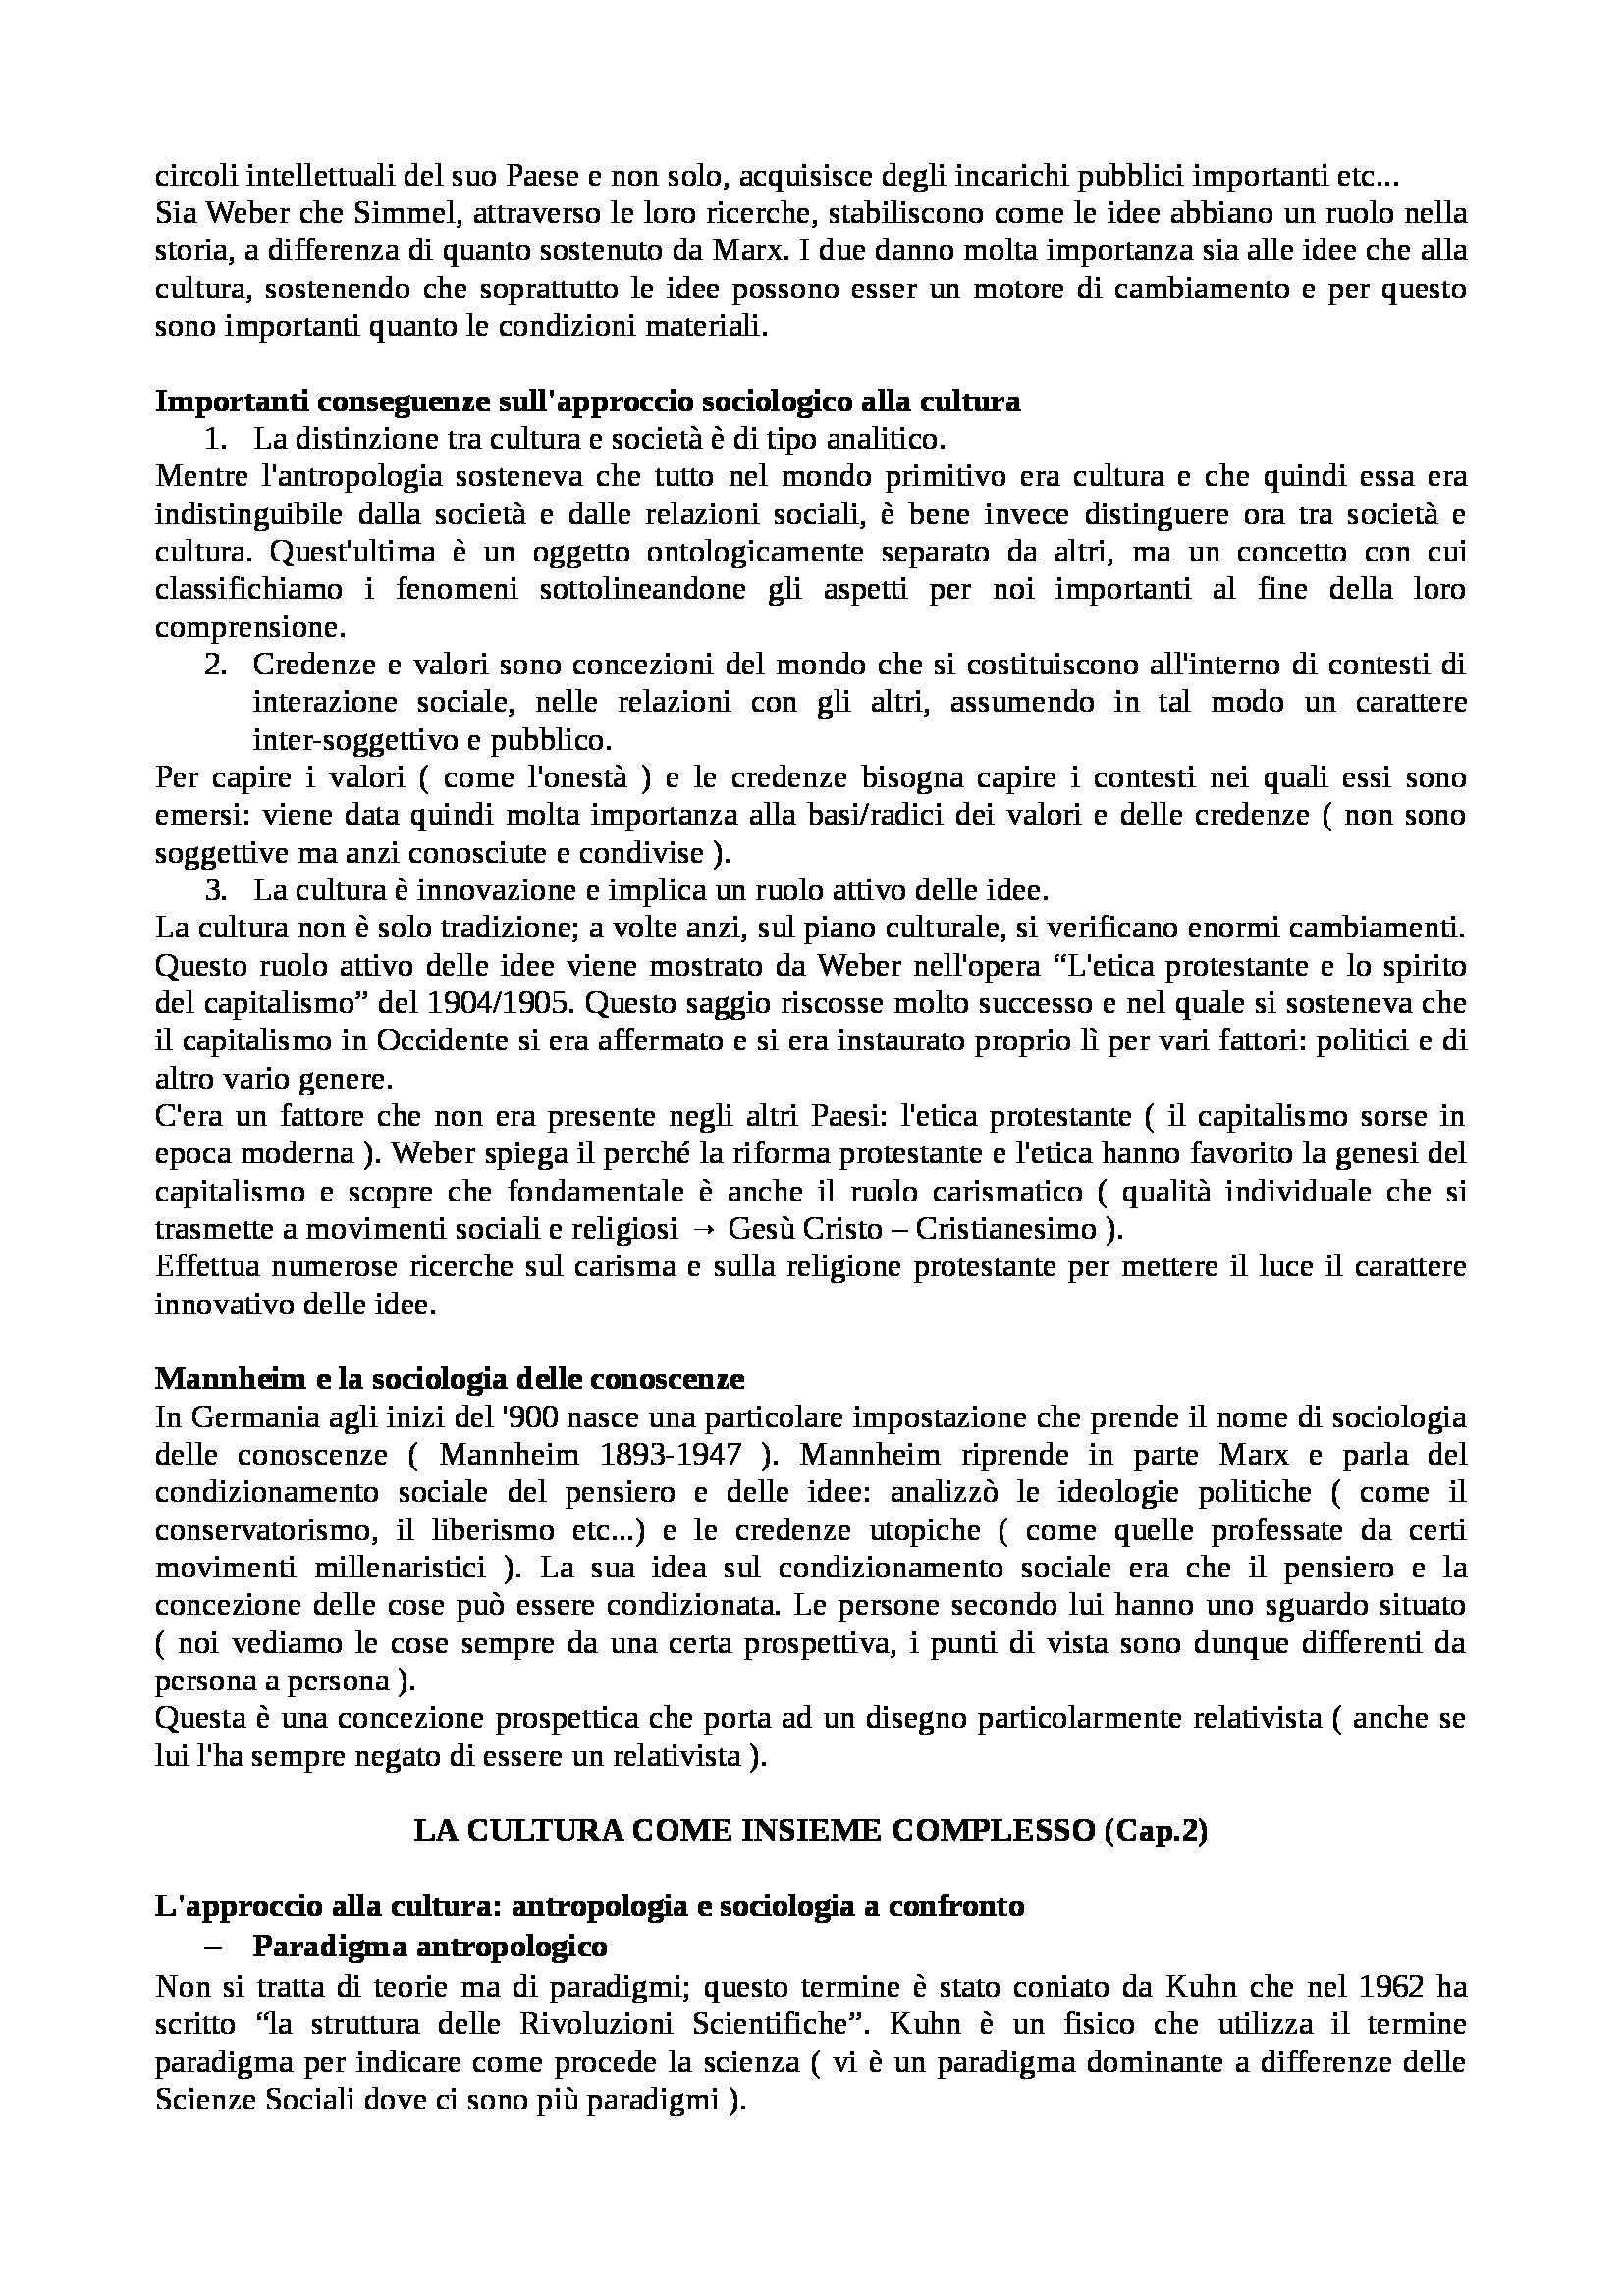 Riassunto esame Istituzioni di sociologia, libro adottato Sociologia dei processi culturali, Sciolla Pag. 6